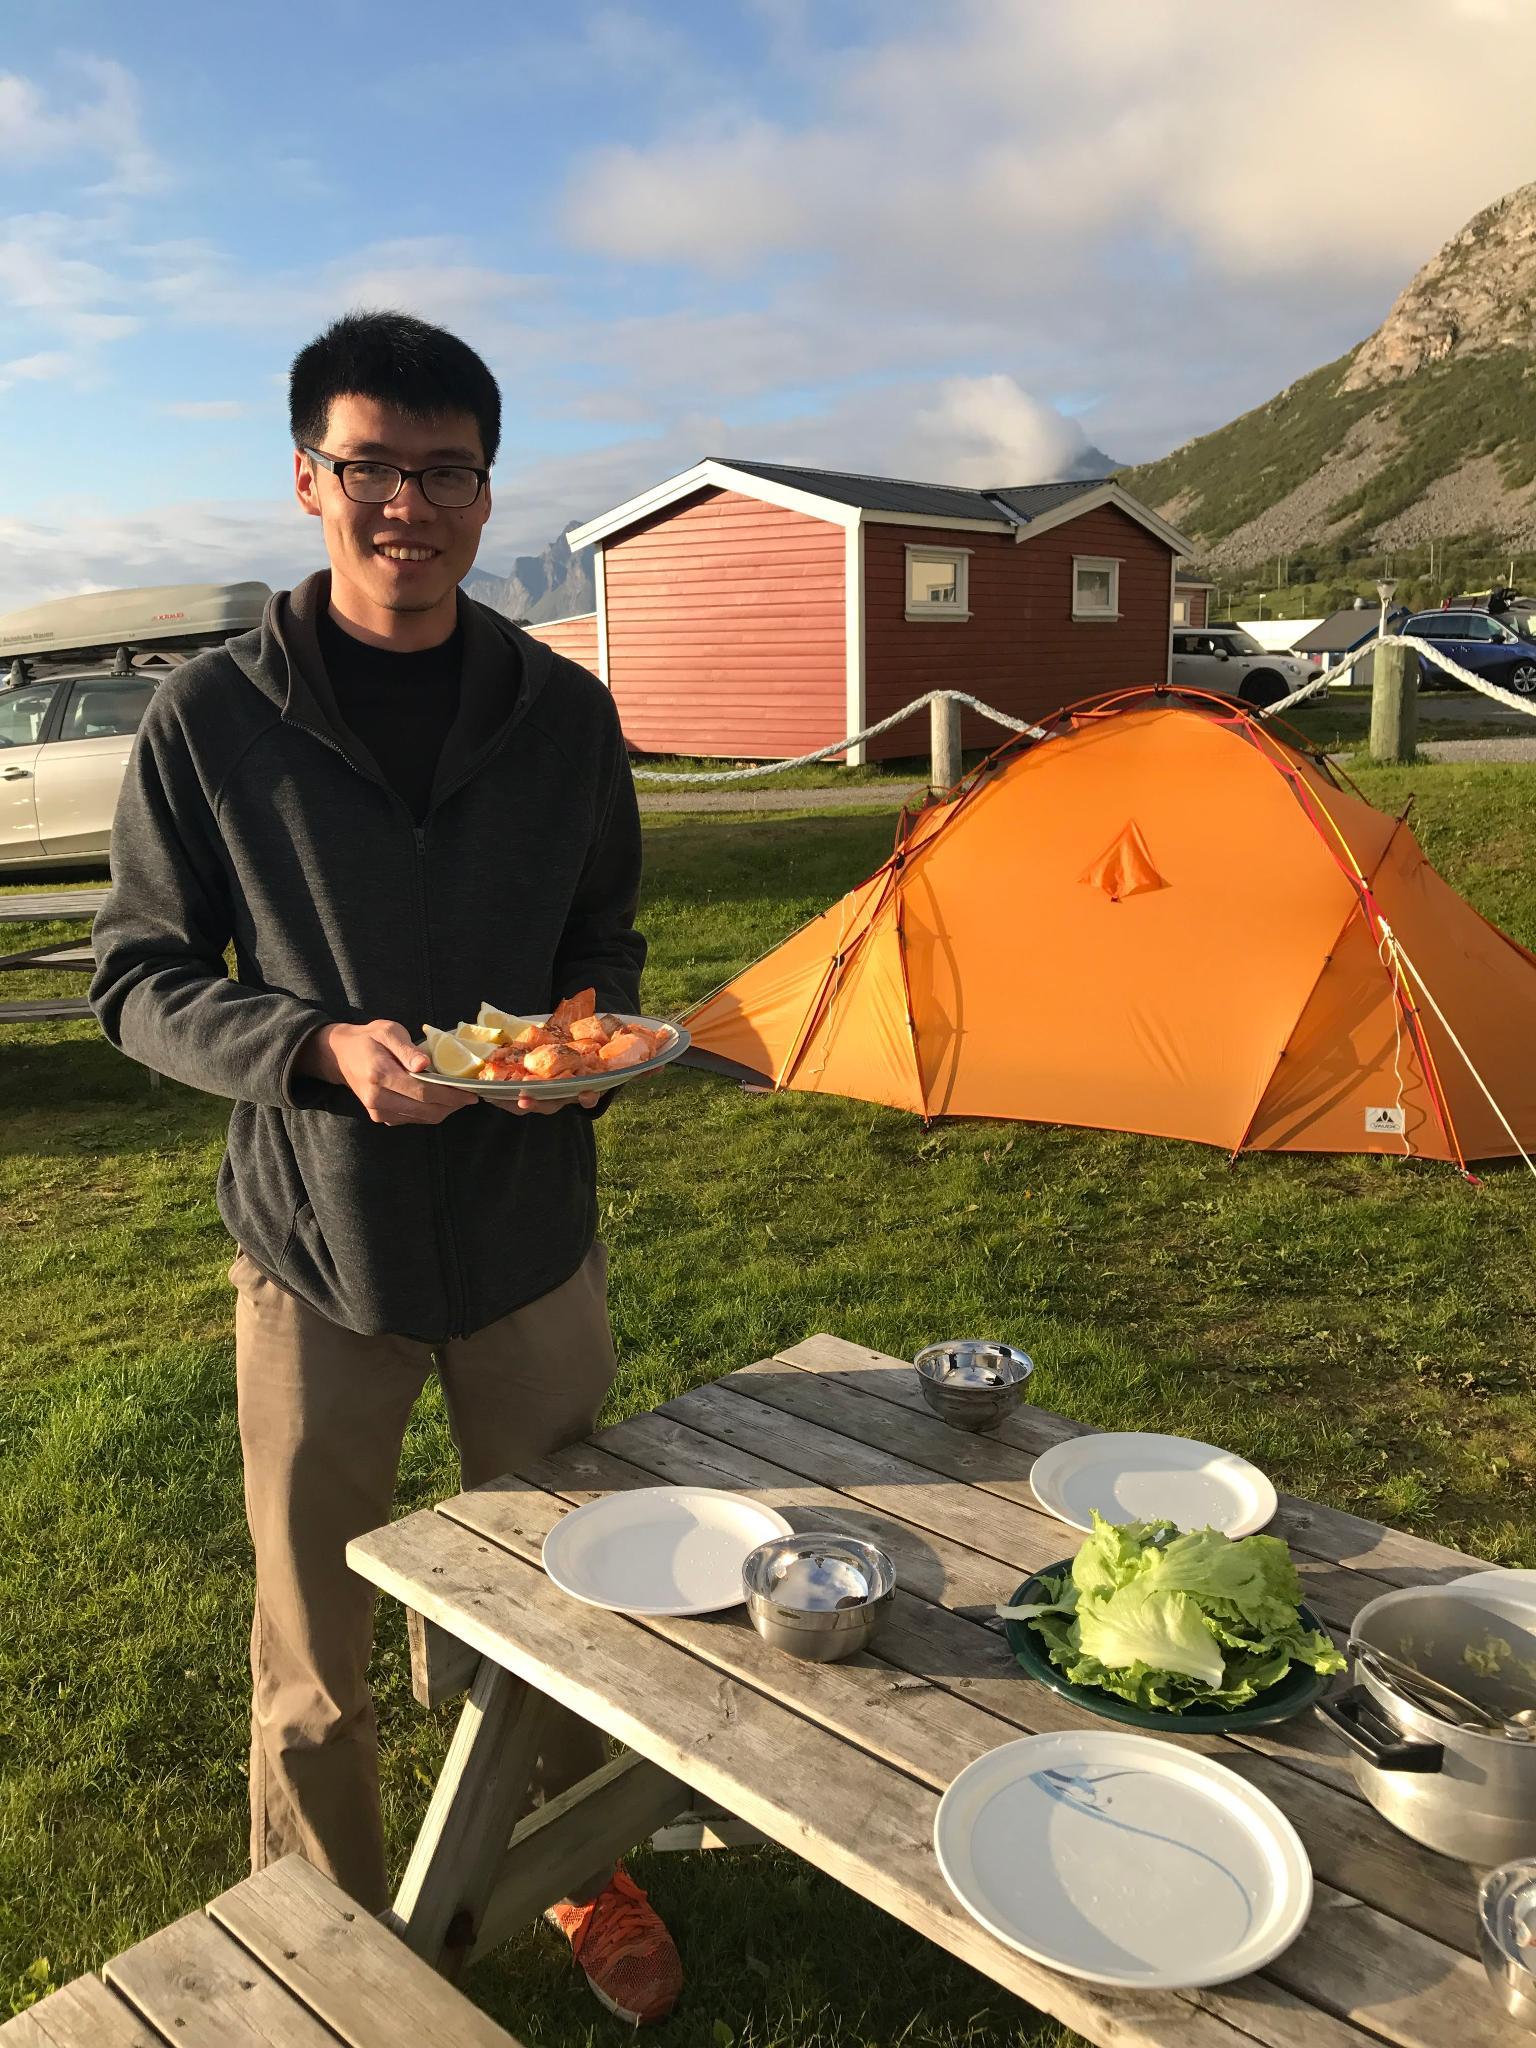 【北歐露營】推薦羅弗敦群島露營地 - Ramberg Camping 19